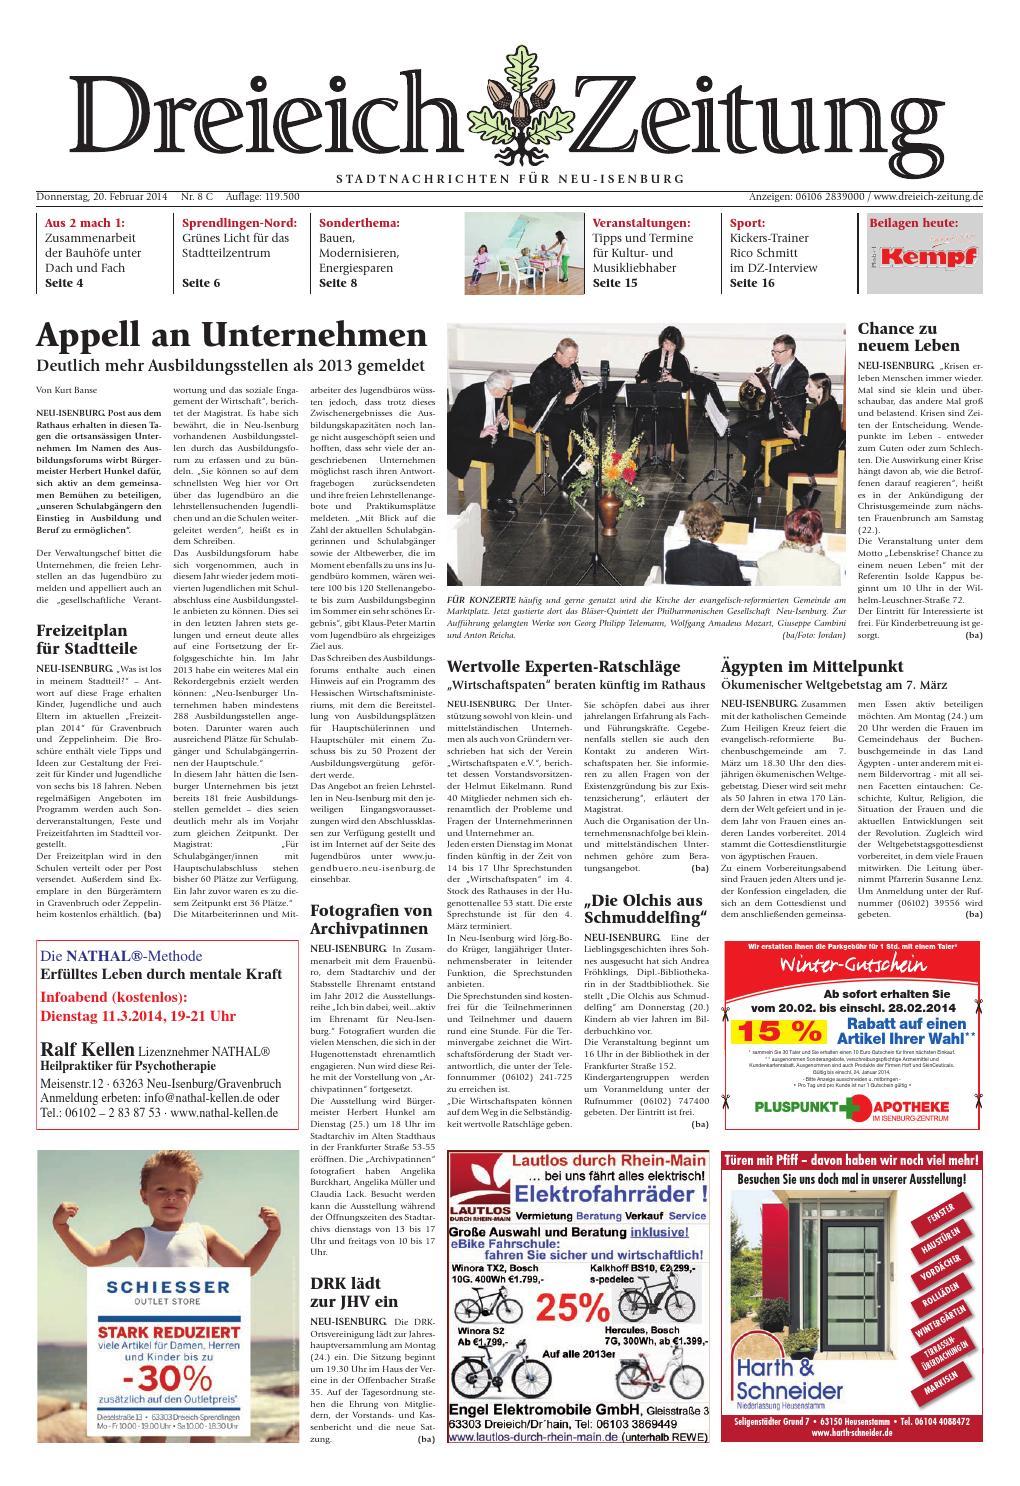 Dz online 008 14 c by Dreieich-Zeitung/Offenbach-Journal - issuu